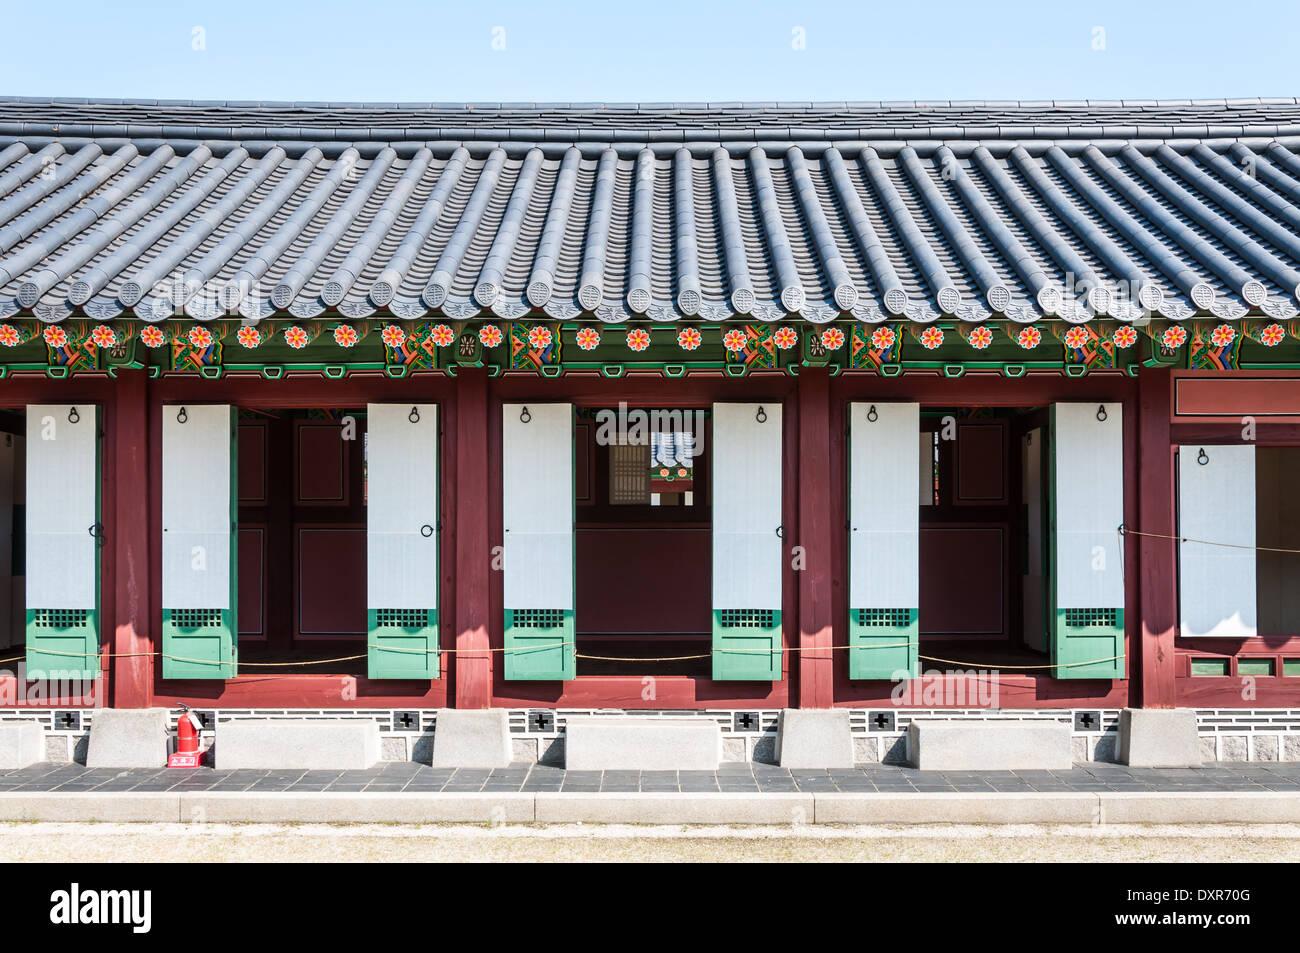 L'architecture traditionnelle coréenne à Gyeongbokgung Palace à Séoul, Corée du Sud. Photo Stock